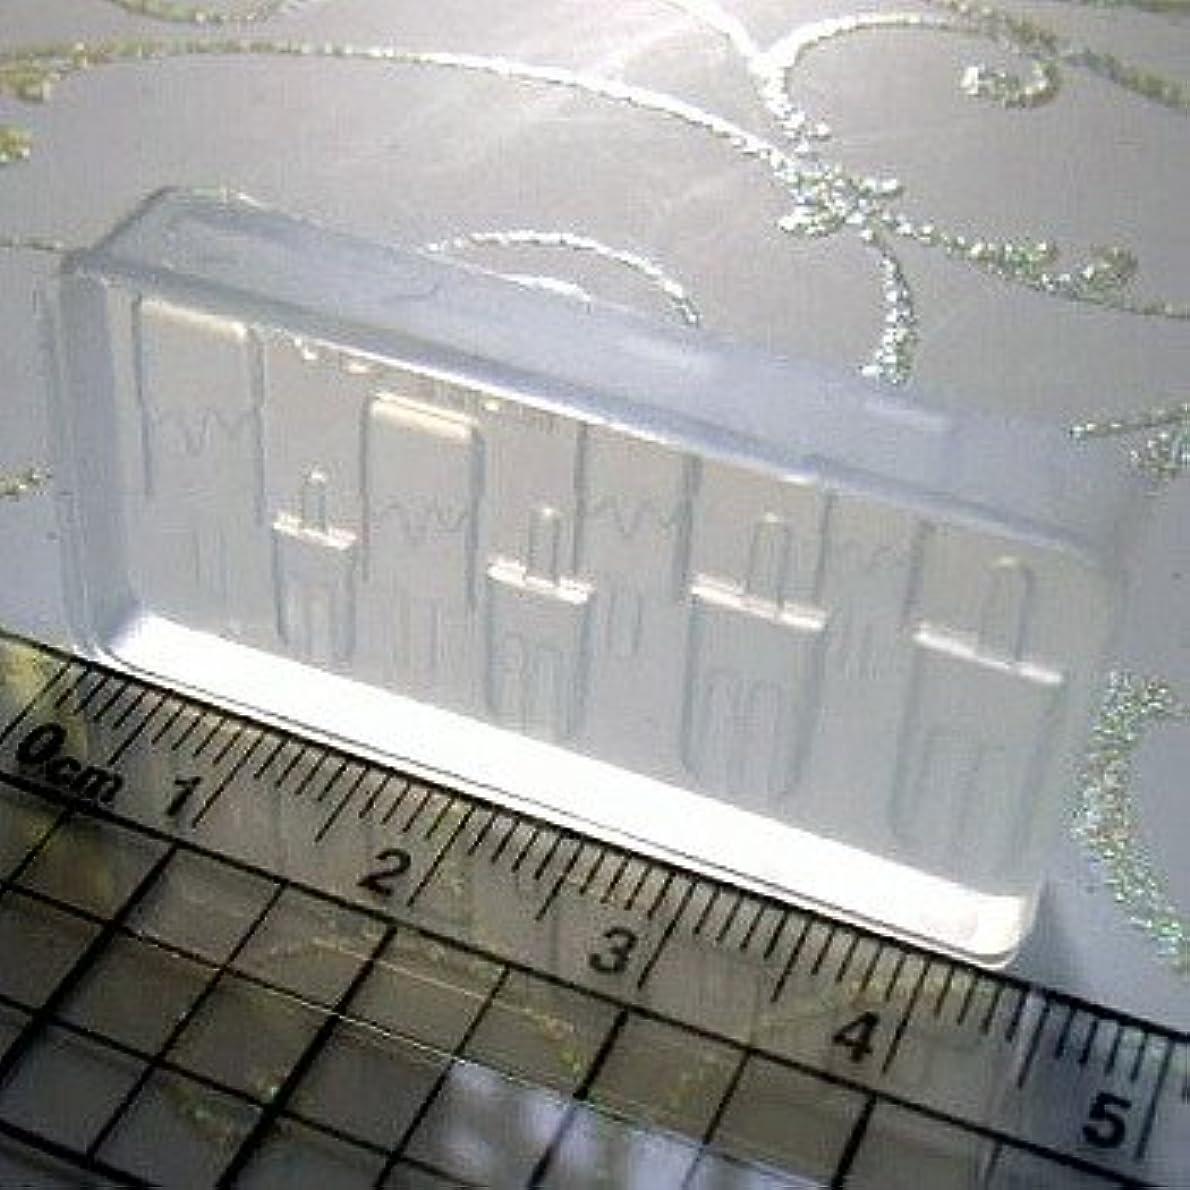 電話するコアタッチ3Dシリコンモールド 自分でできる3Dネイル ネイルアート3D シリコン型 アクリルパウダーやジェルで簡単に!